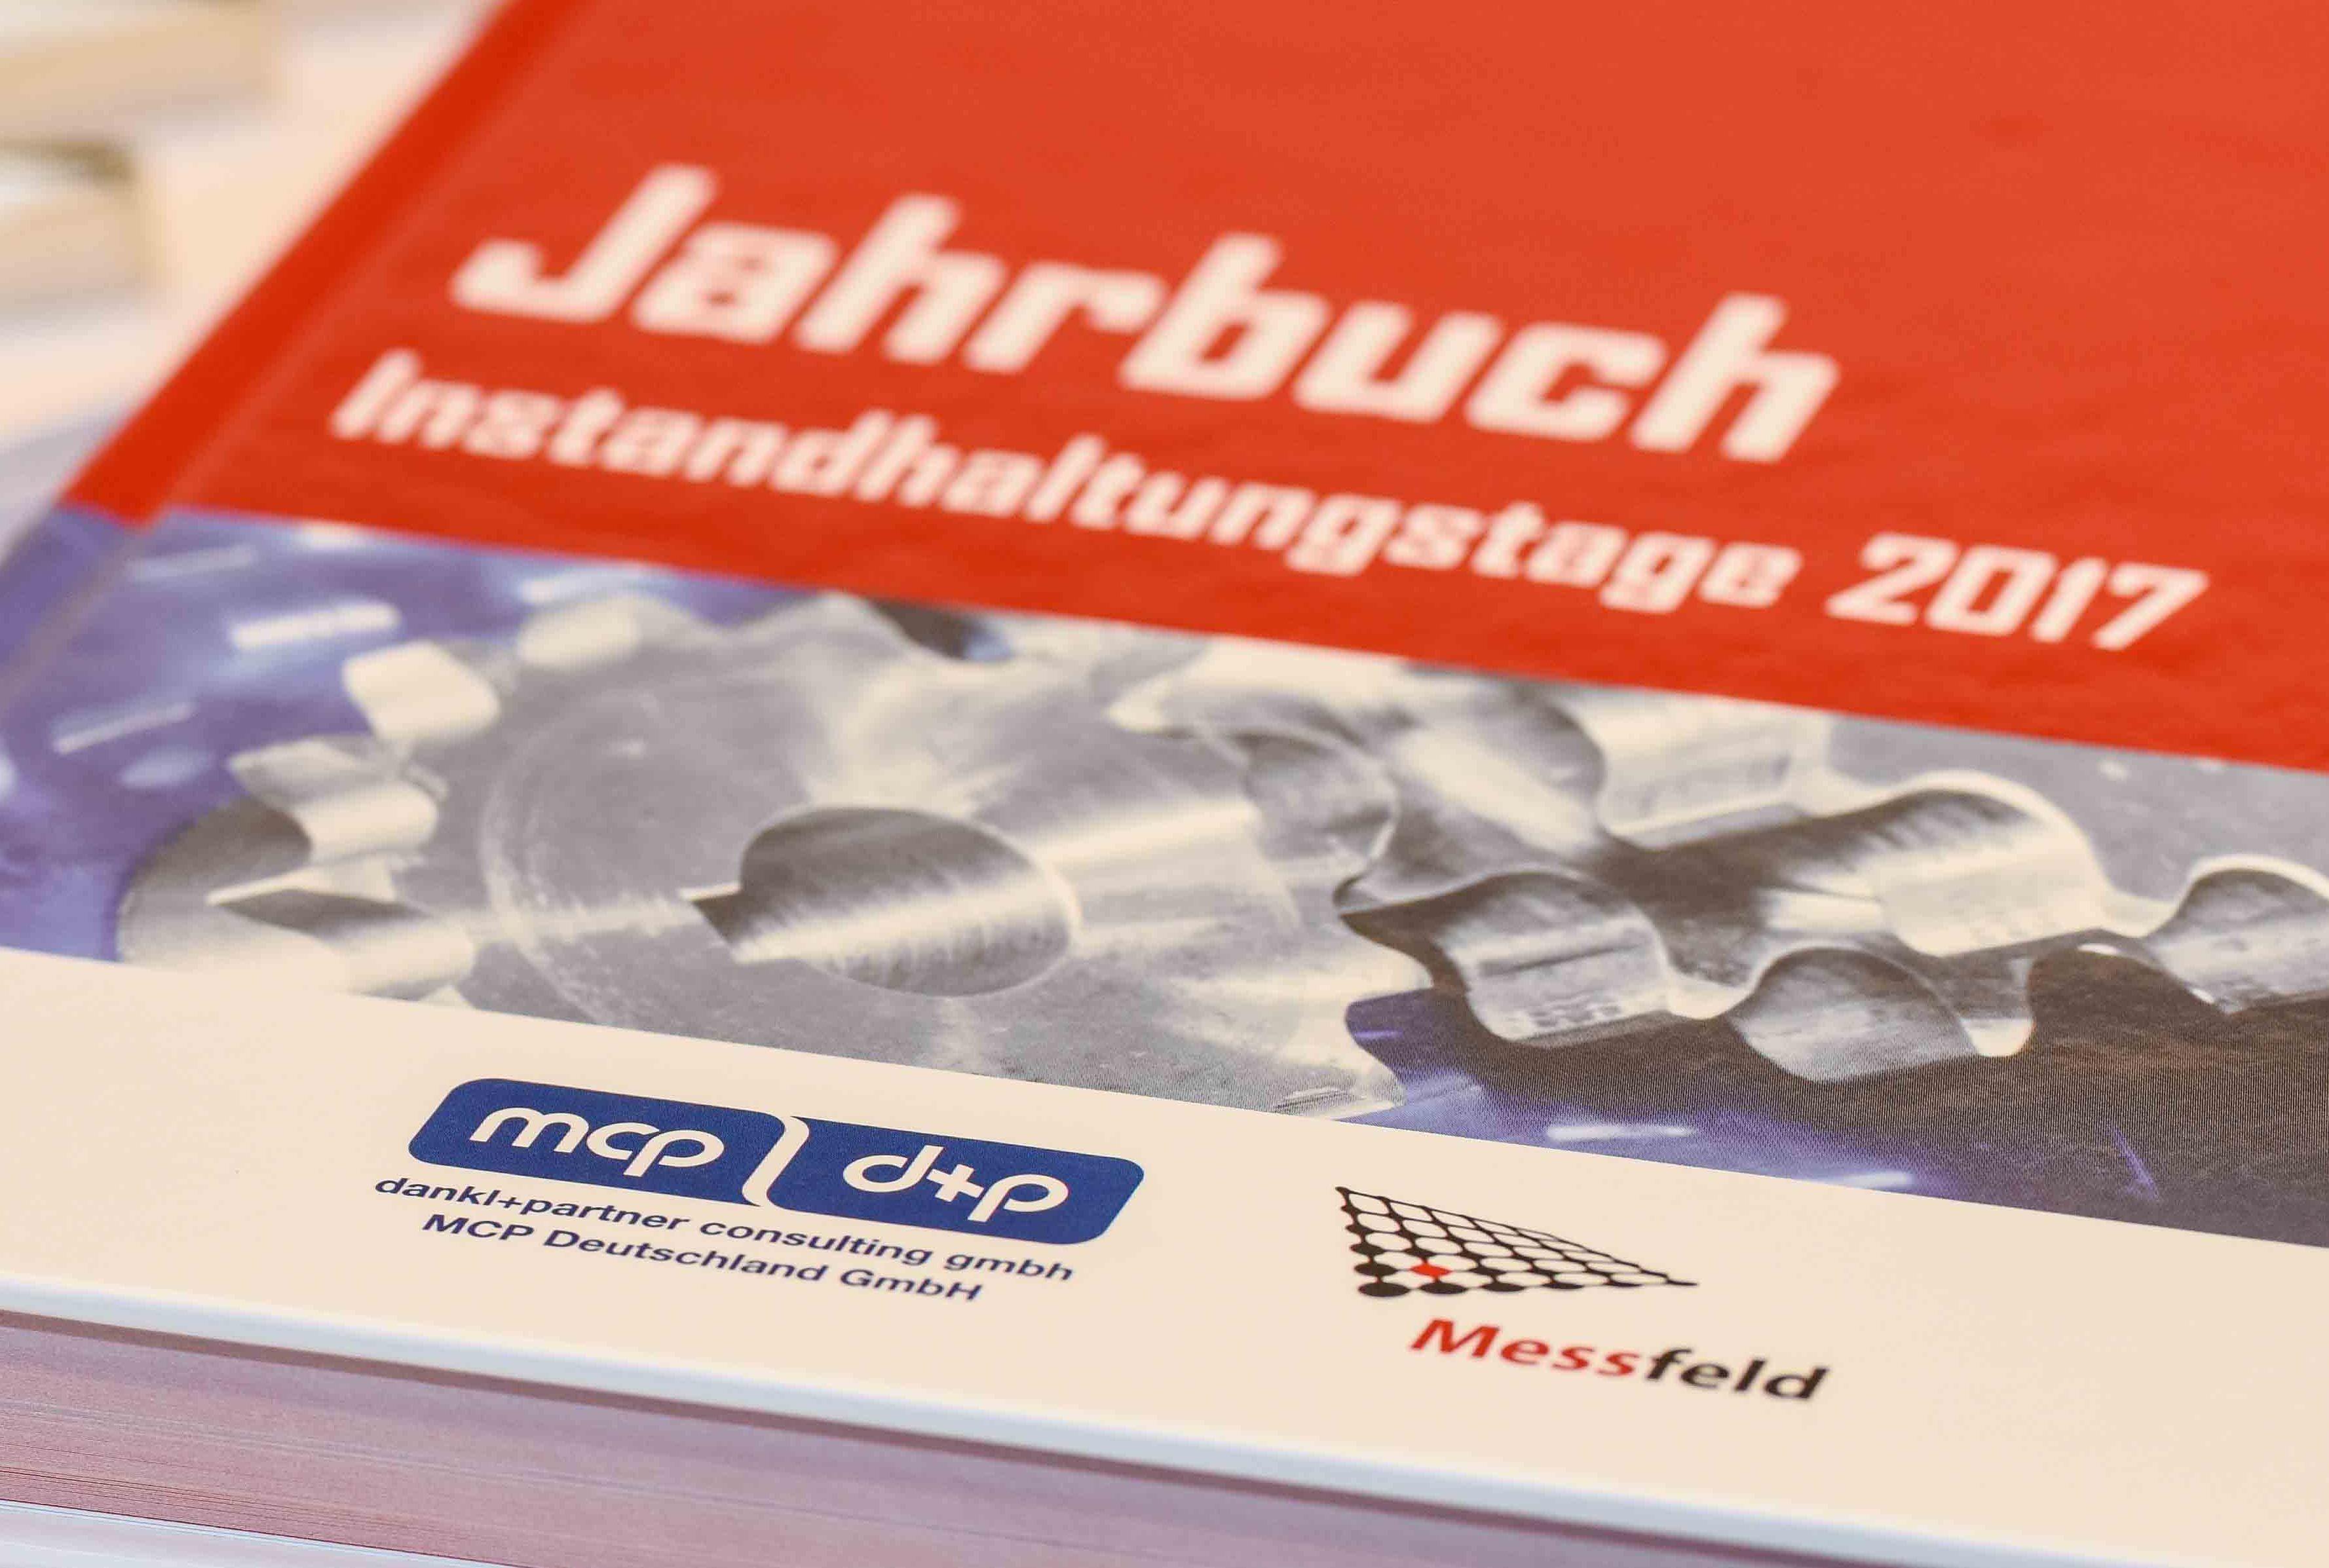 Instandhaltungstage, Jahrbuch, dankl+partner, messfeld, salzburg, klagenfurtphoto-baurecht